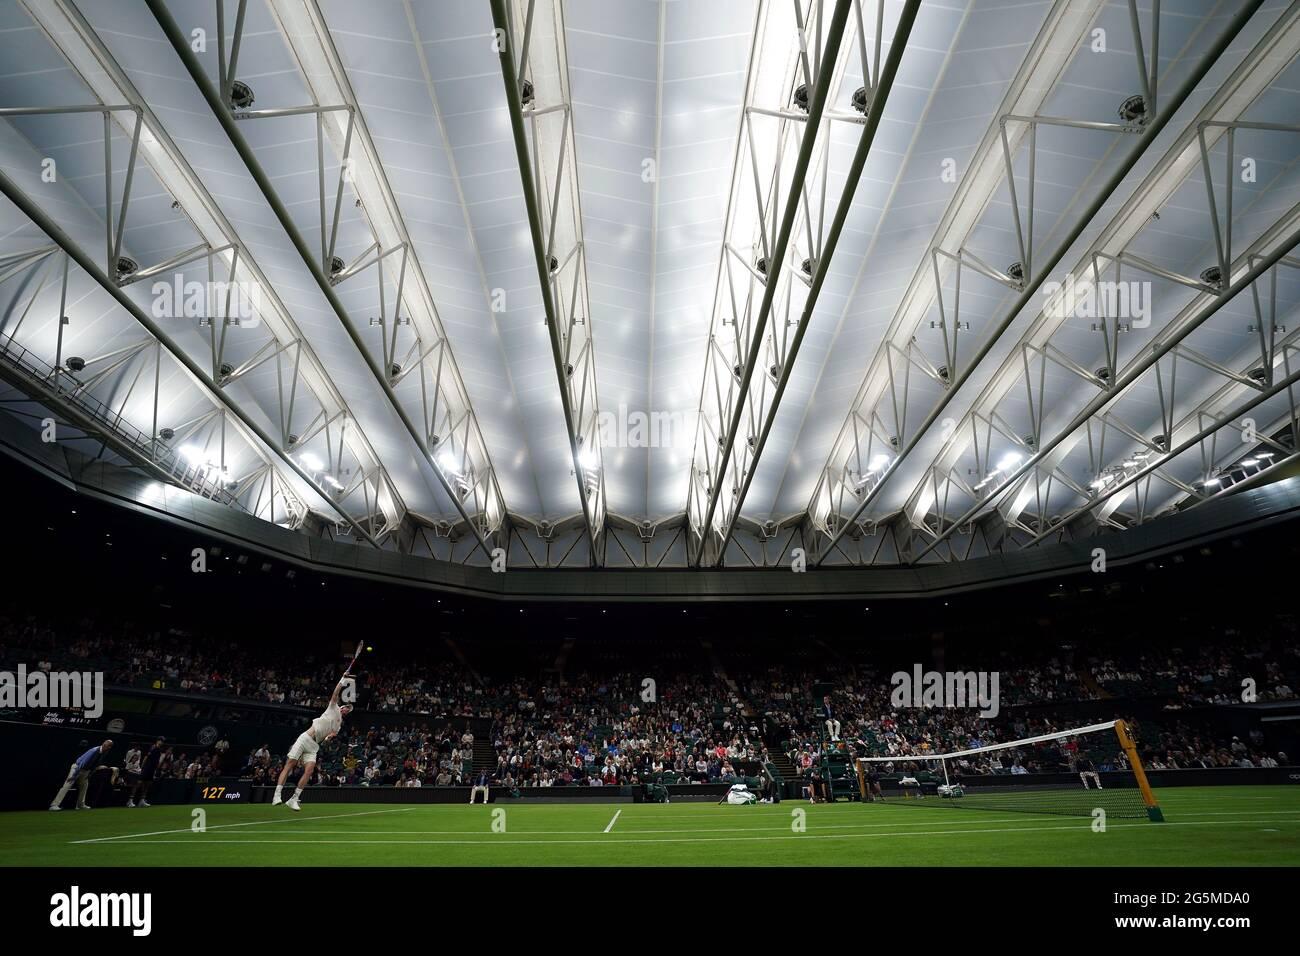 Andy Murray im Einsatz unter dem Dach des Center Court gegen Nikoloz Basilashvili am ersten Tag von Wimbledon im All England Lawn Tennis and Croquet Club, Wimbledon. Bilddatum: Montag, 28. Juni 2021. Stockfoto